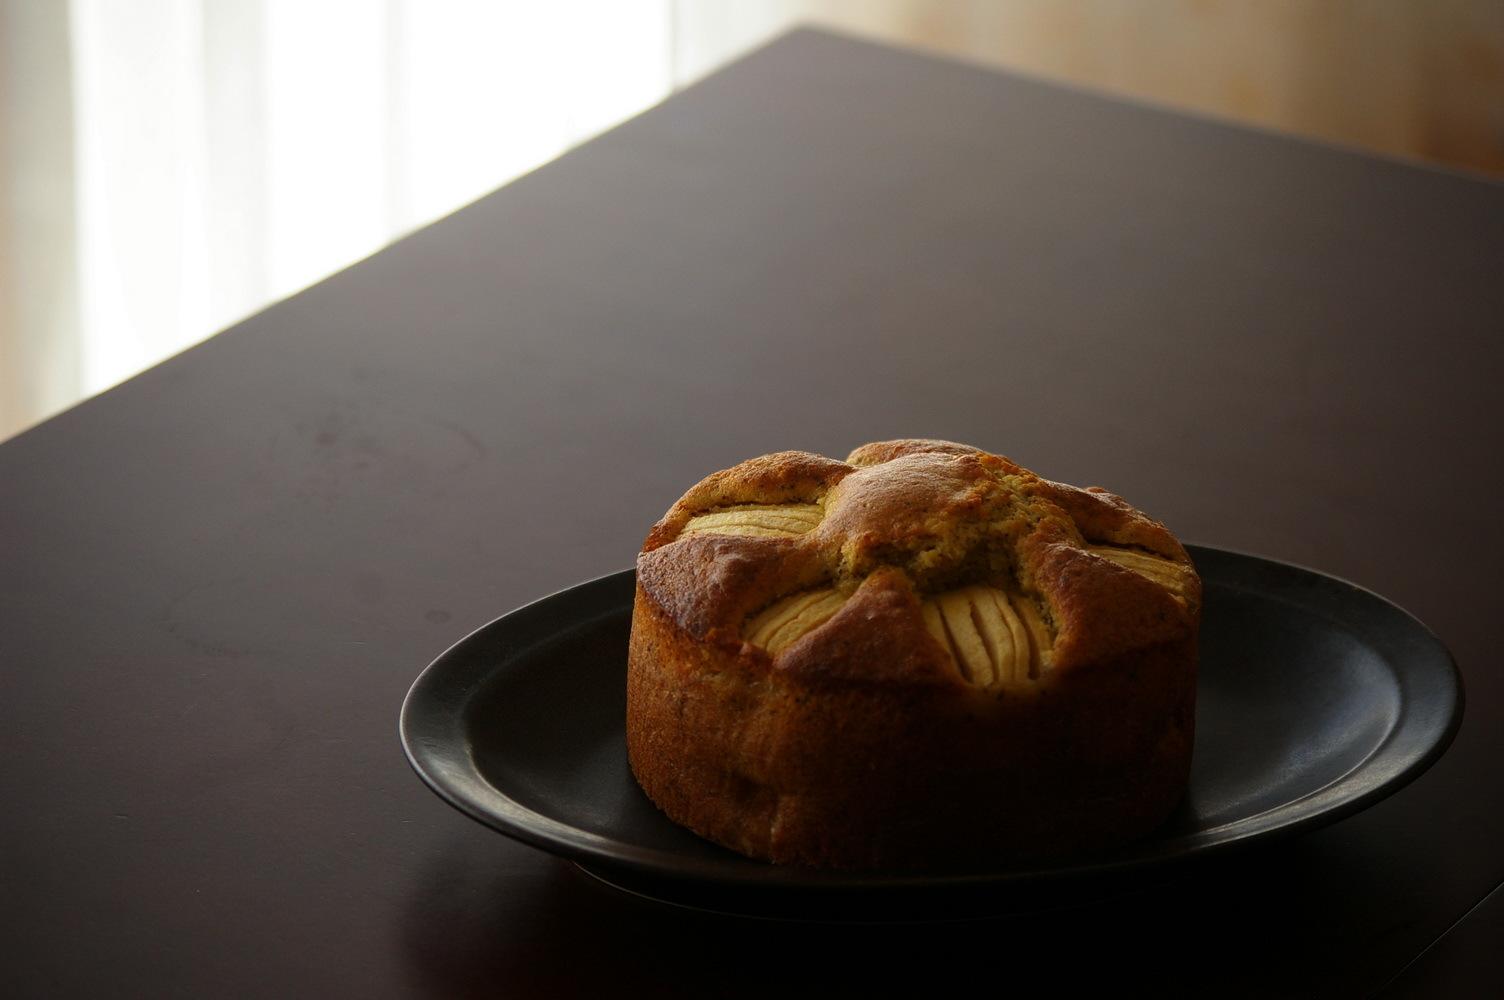 林檎とアールグレイのバターケーキ_d0327373_13354590.jpg